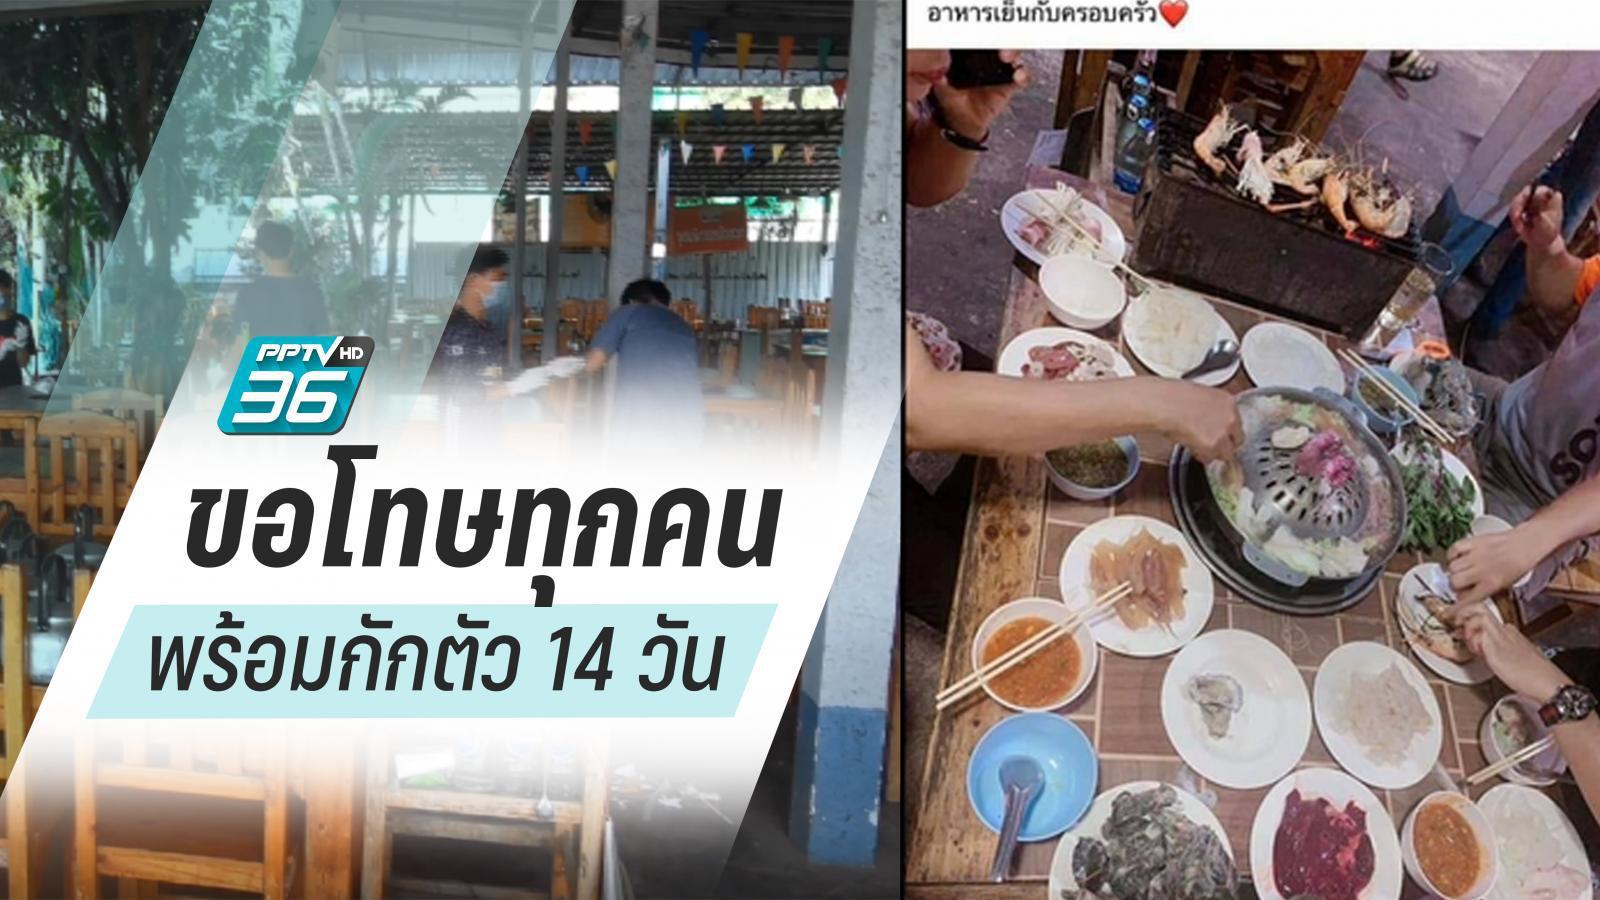 """""""ผีน้อยกลับไทย""""ดอดกินหมูกระทะ ขอสังคมให้อภัย พร้อมกักตัว 14 วัน"""